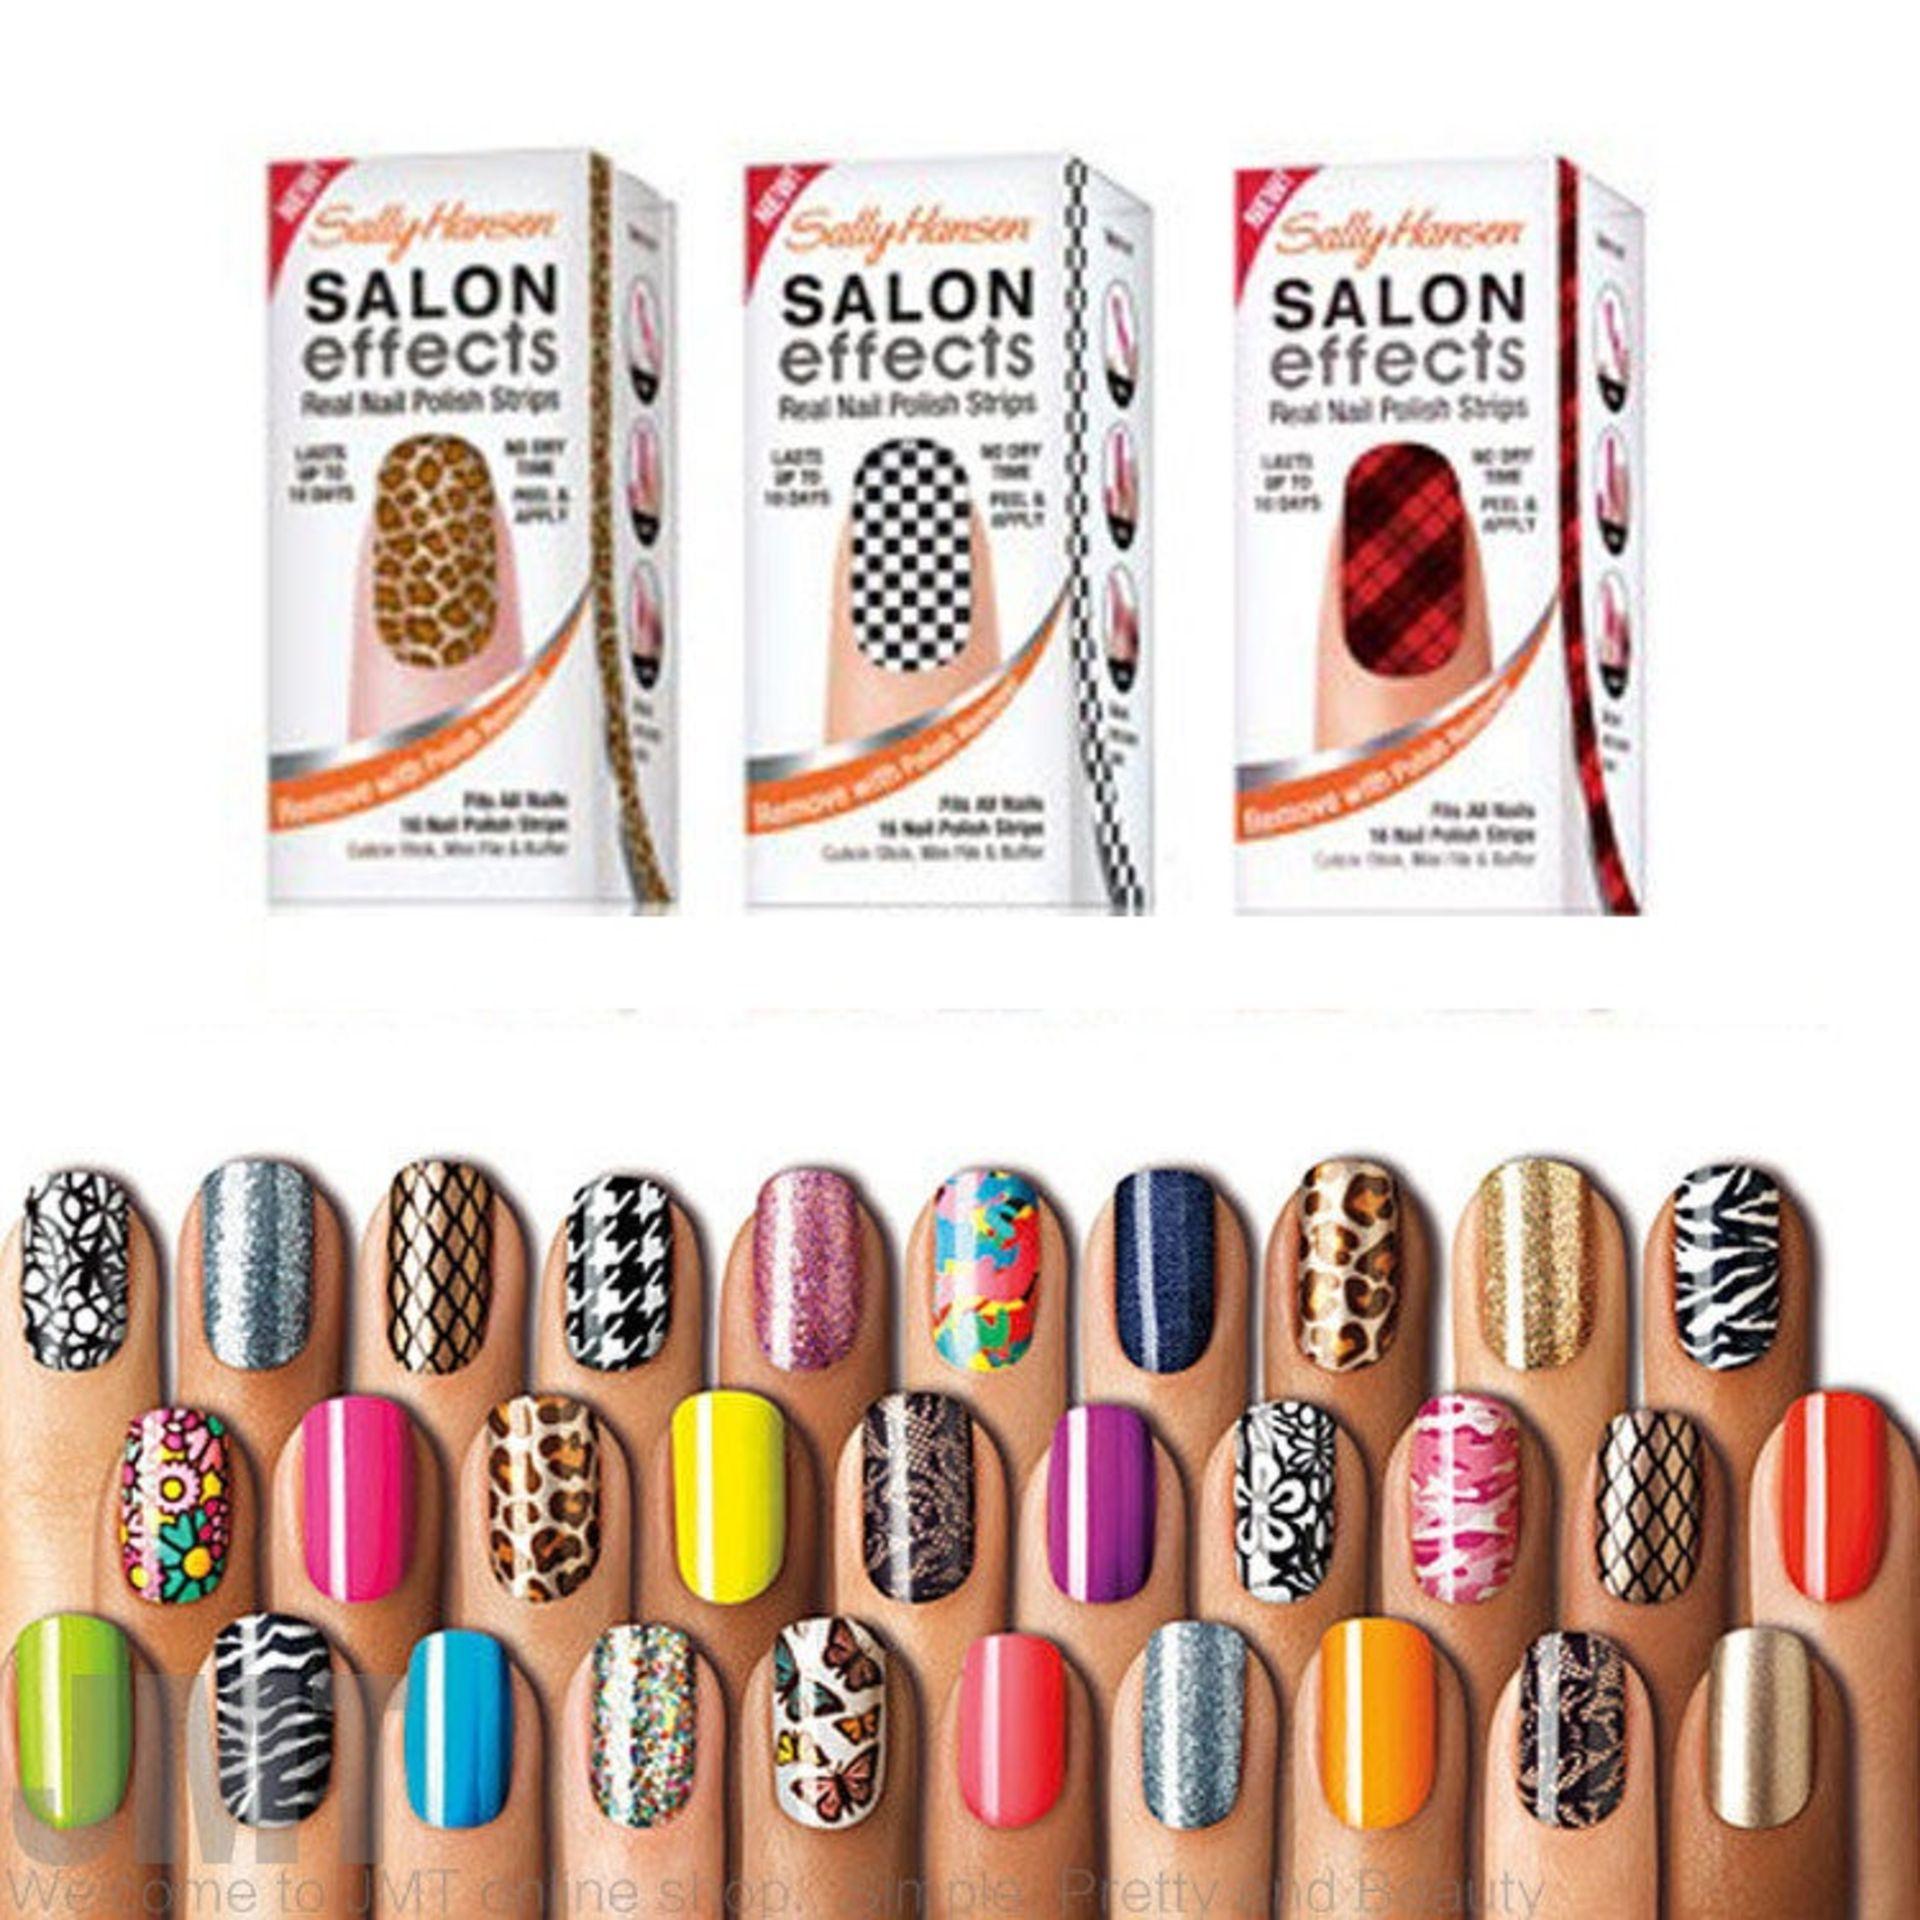 Lot 20 - 100 Sally Hanson Salon Effects Nail Polish Strips – NO VATRandom Shades – UK Delivery £15